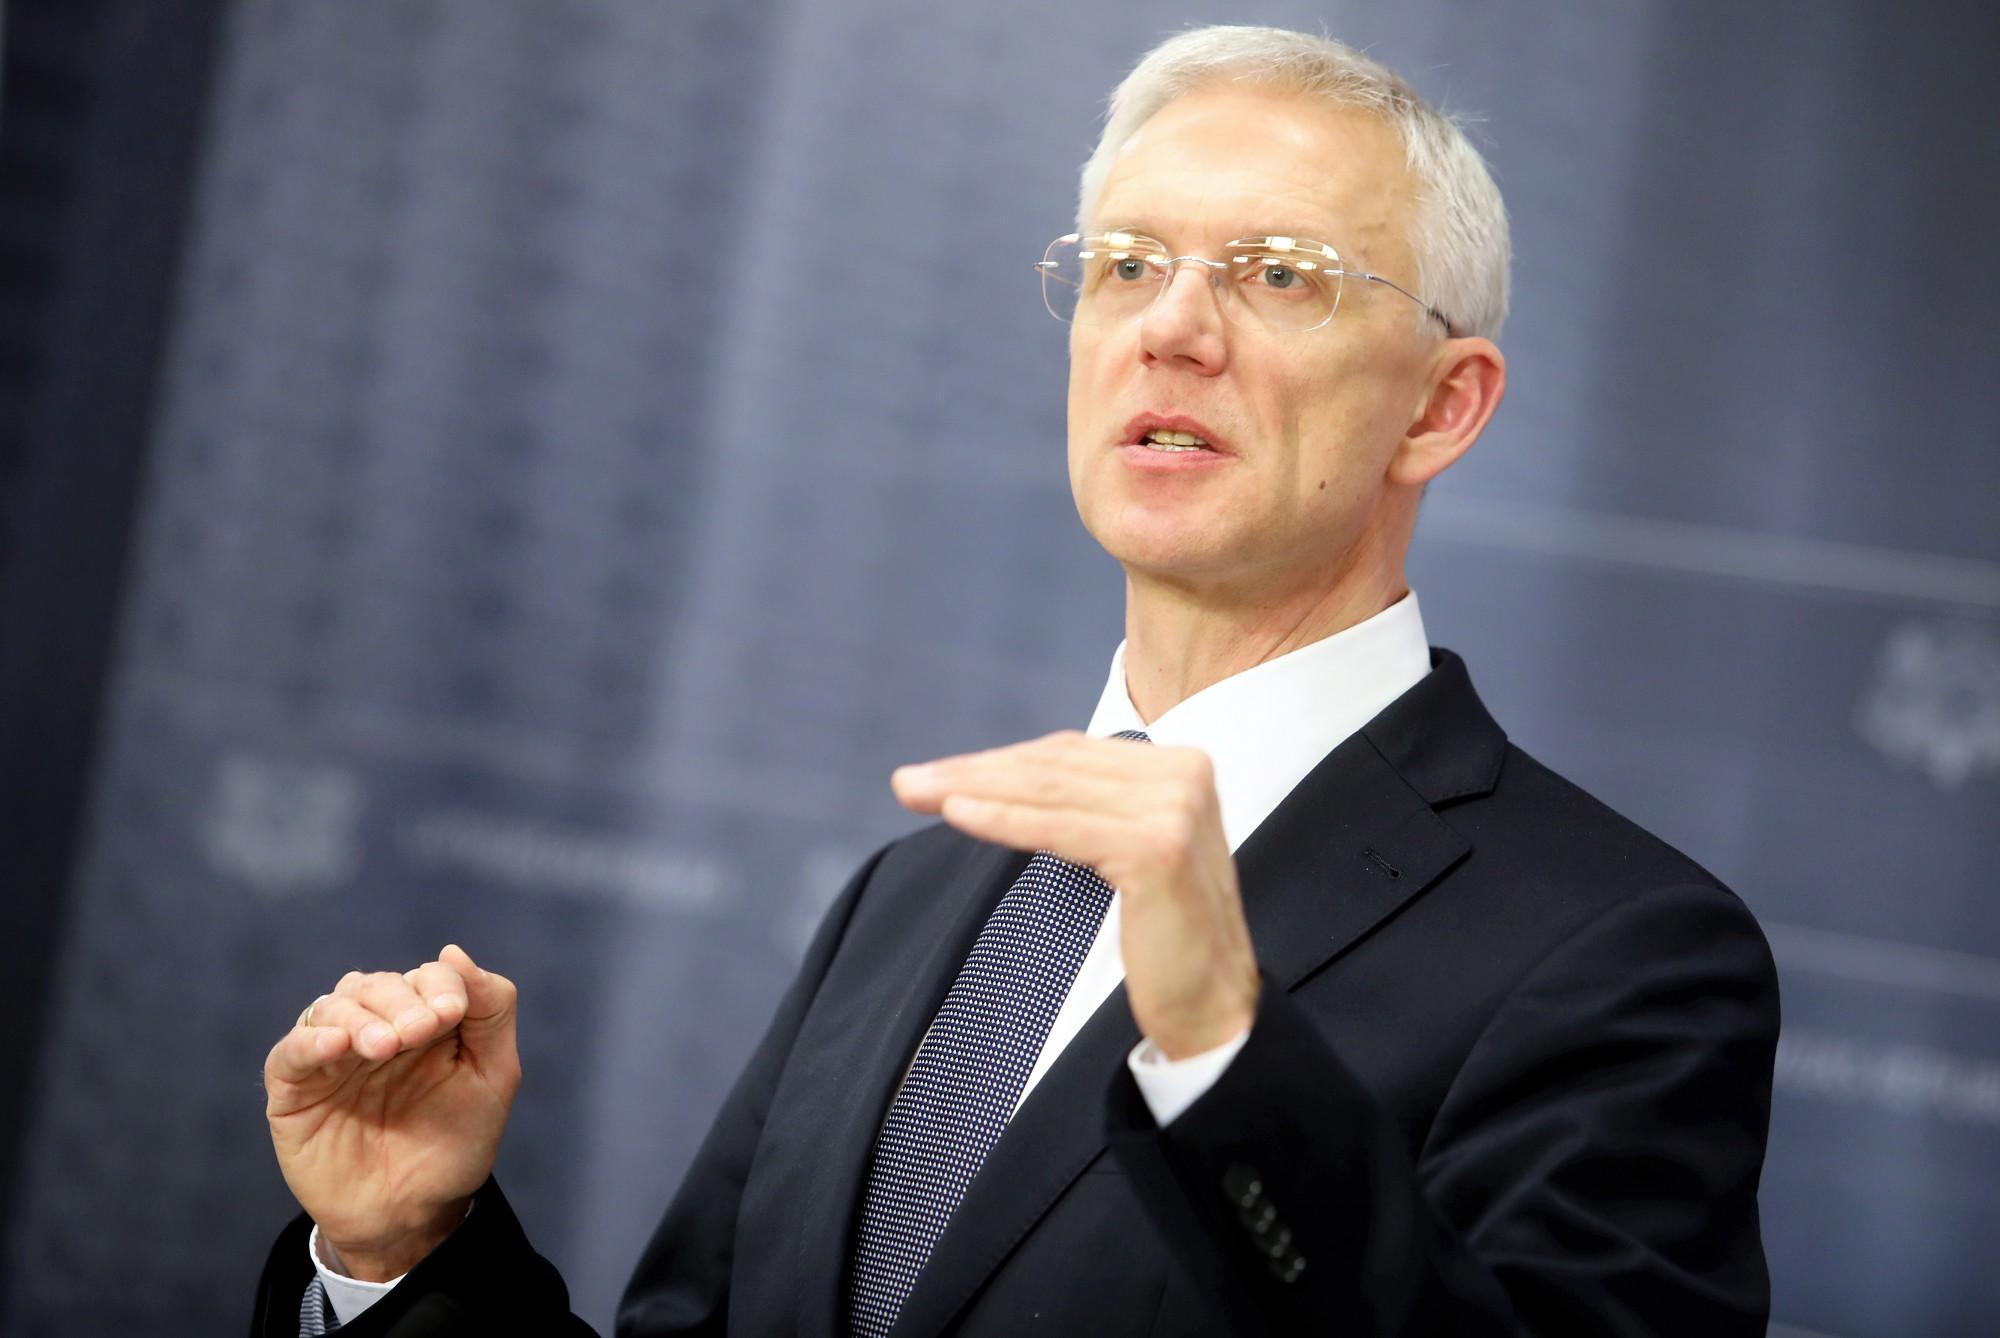 Кариньш: климатическая политика — это возможность Латвии повысить свое благосостояние